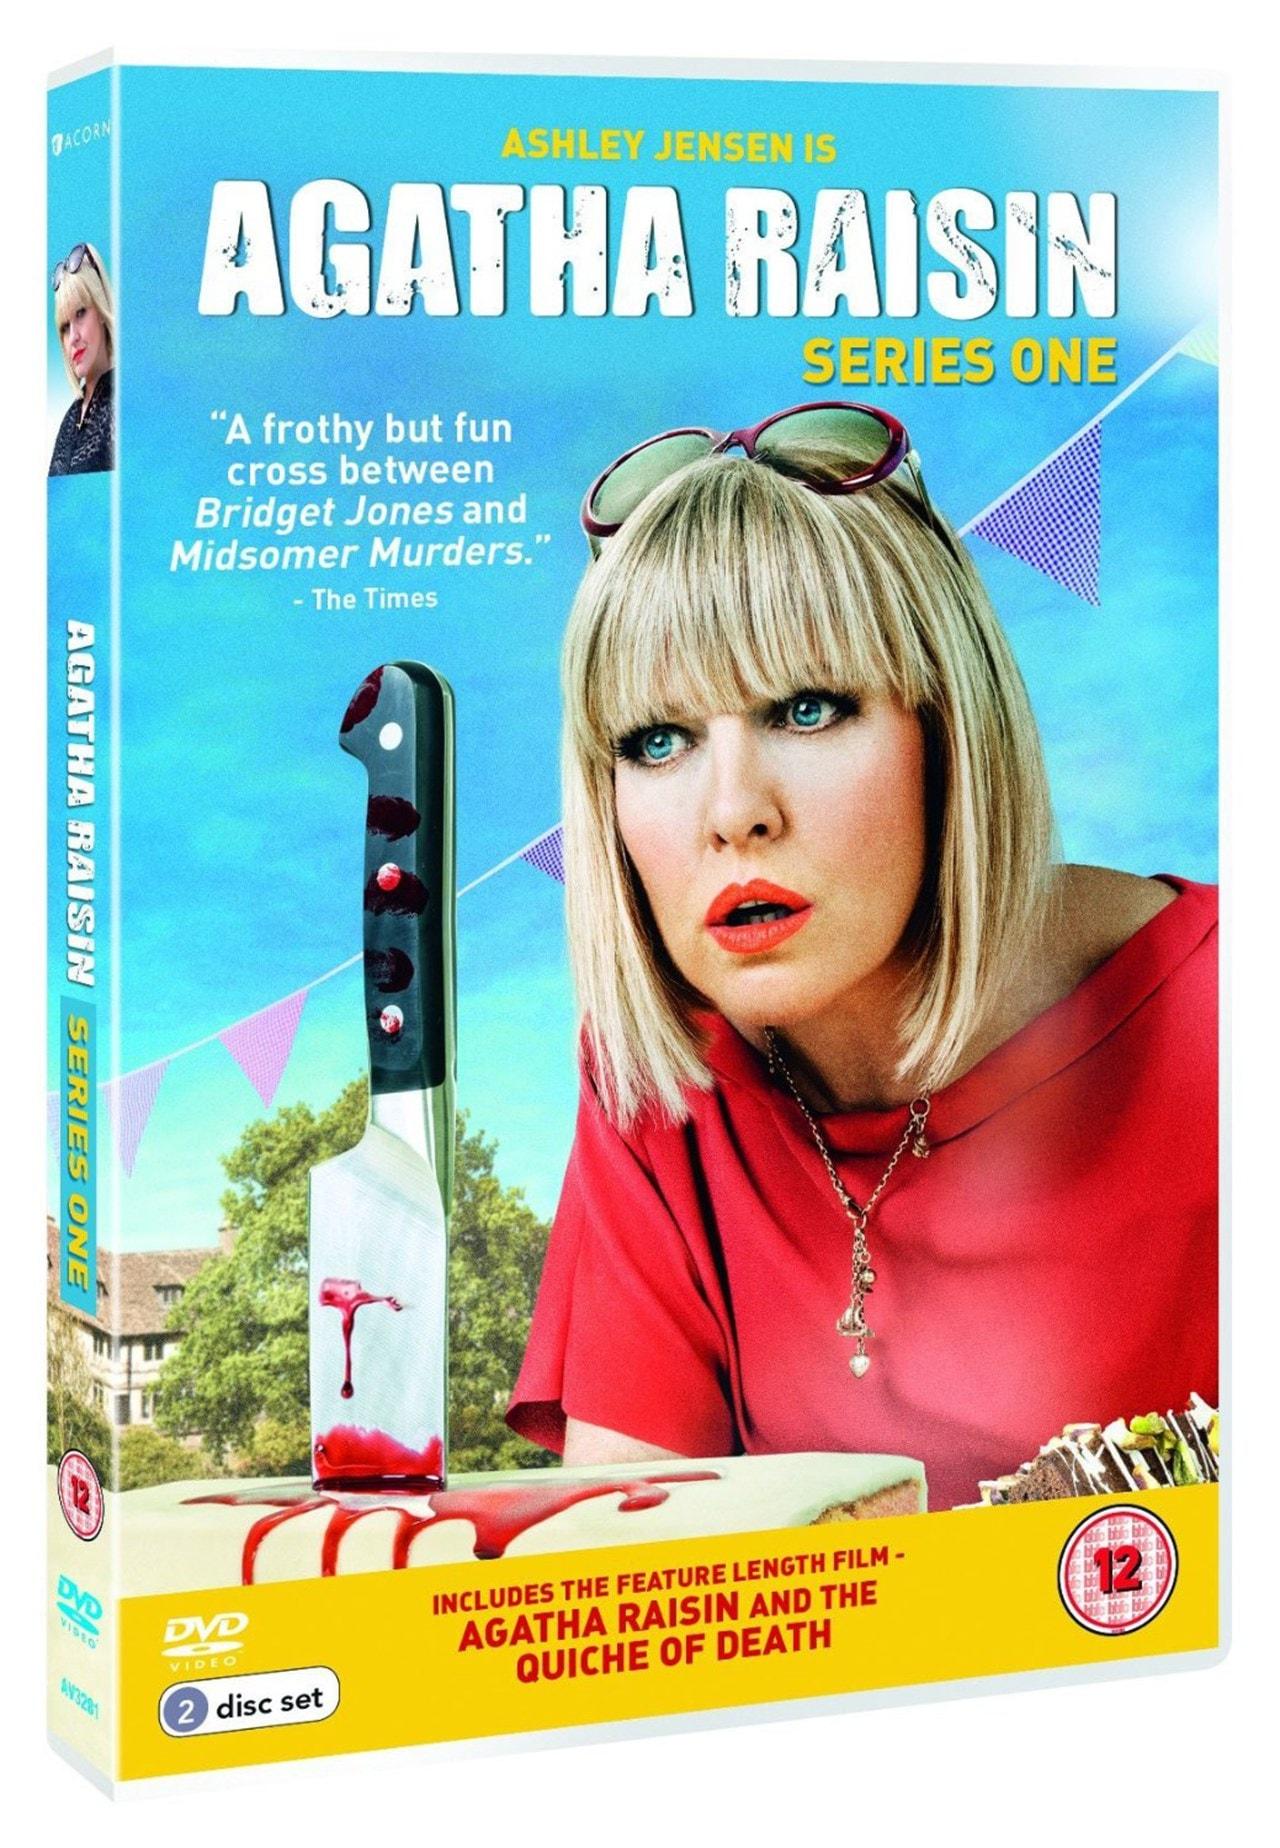 Agatha Raisin: Series One - 1